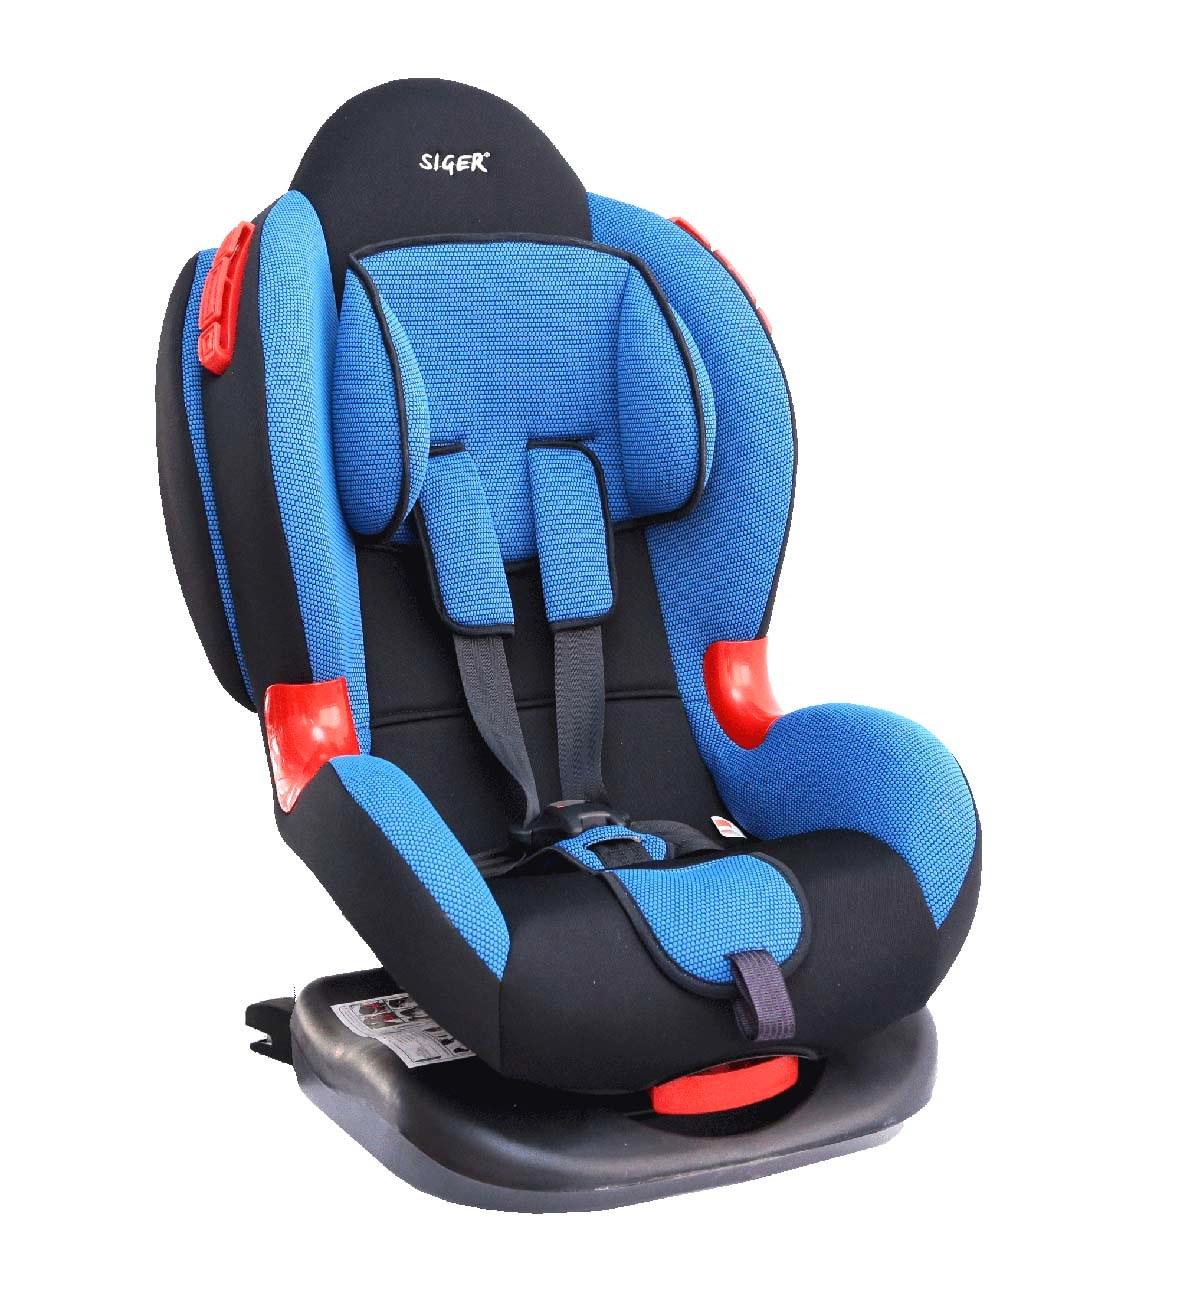 Детское автомобильное кресло SigerДетские автокресла<br>Группа: 1/2 (9-25 кг),<br>Крепление Isofix: есть,<br>Внутренние ремни: есть,<br>Способ установки: лицом вперед,<br>Регулировка наклона спинки: есть<br>